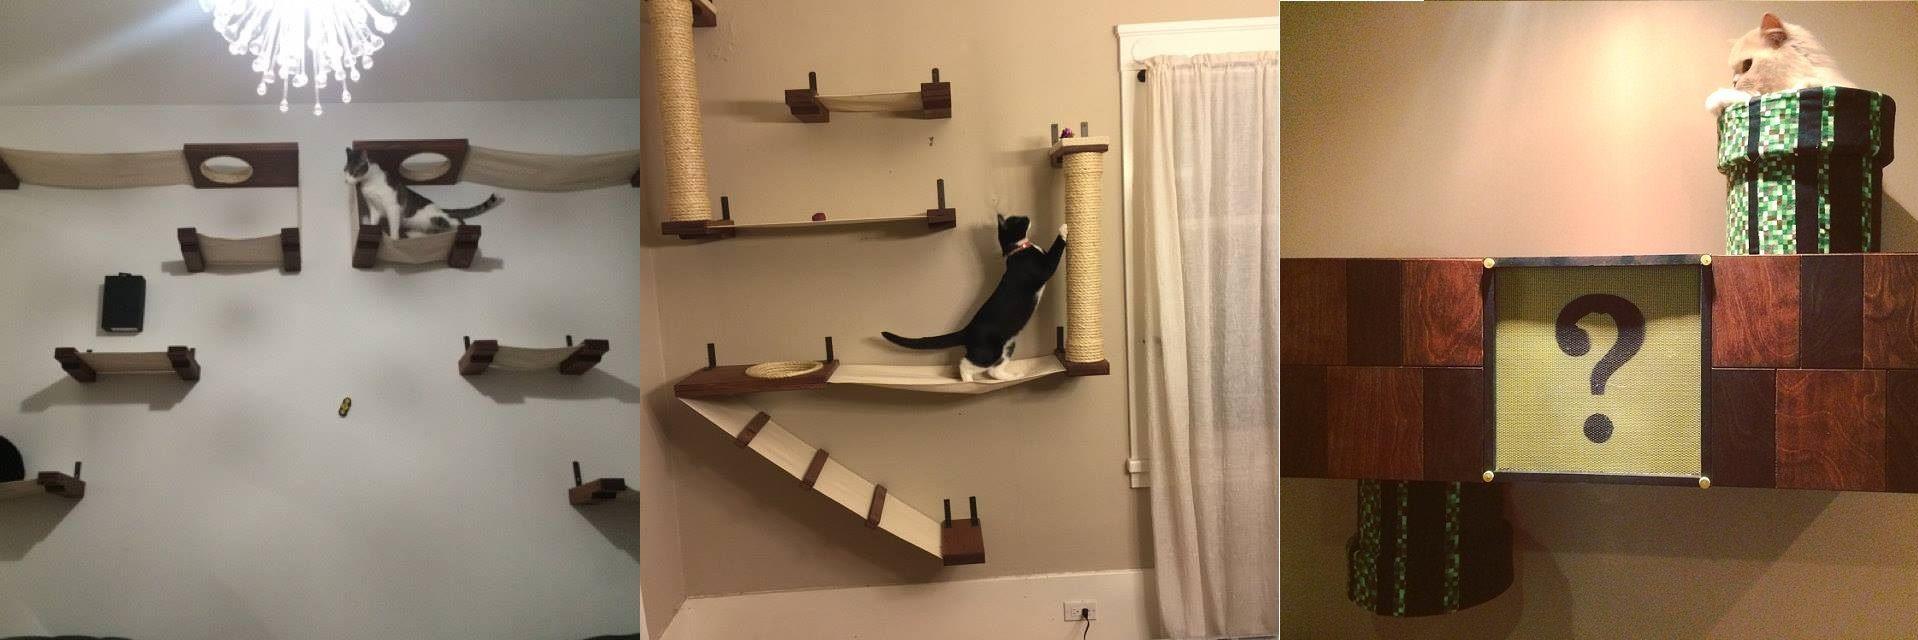 Ecco l'arredamento perfetto per chi vive con un gatto